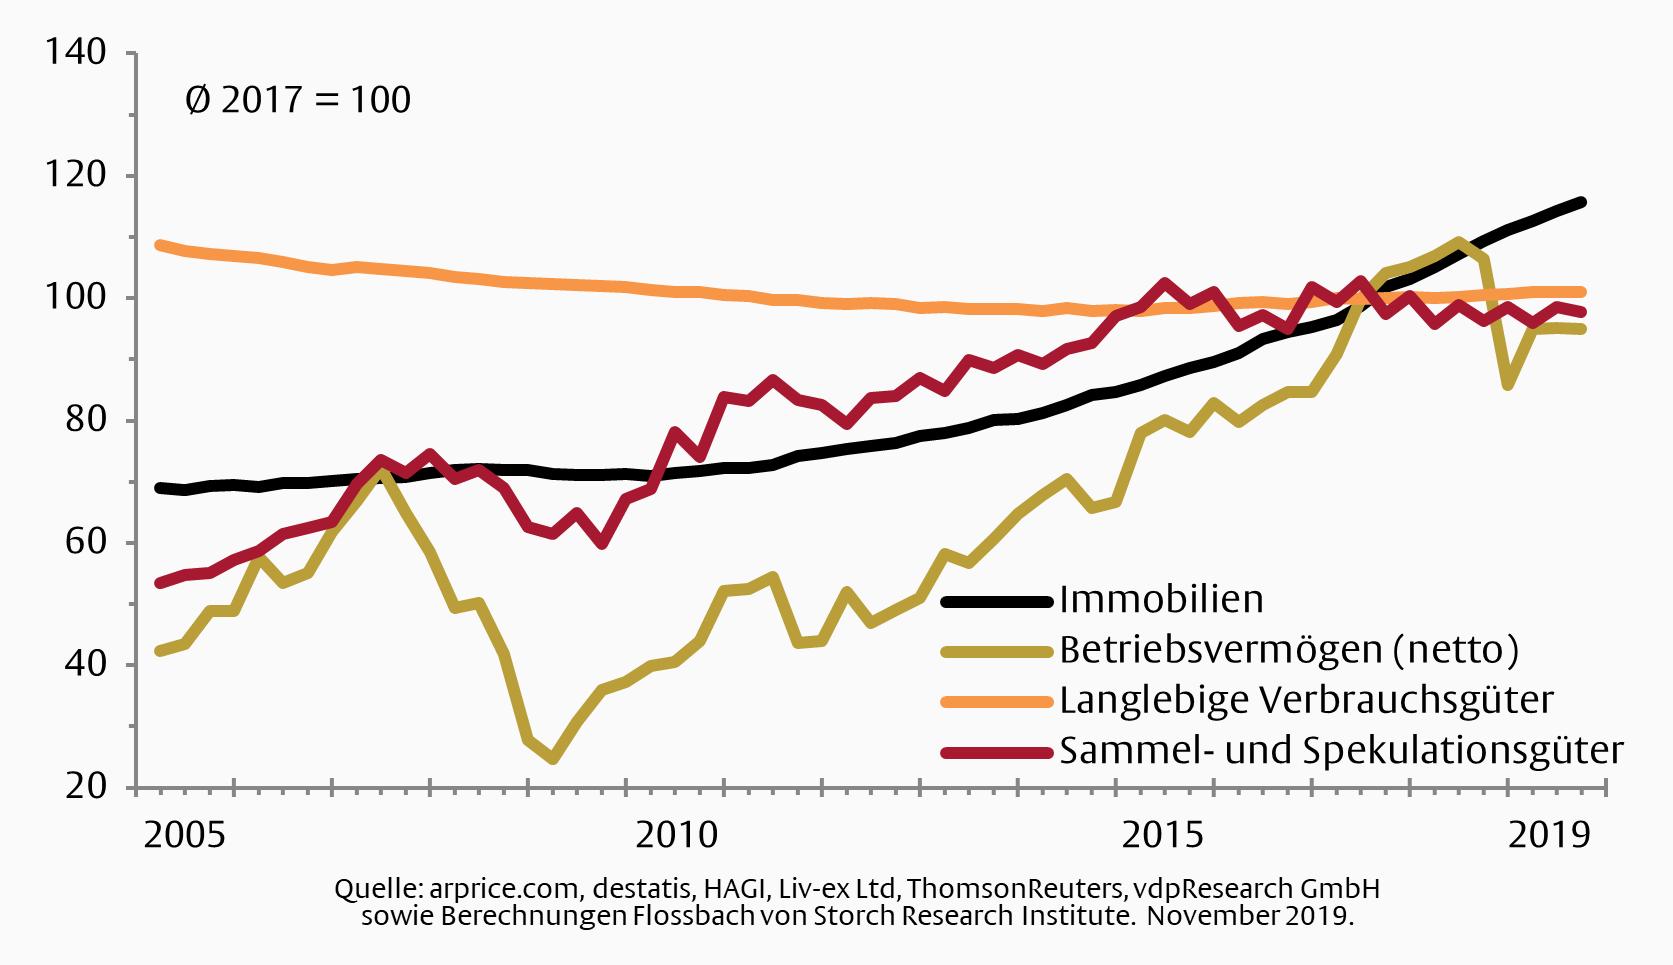 Immobilienpreise steigen konstant weiter an